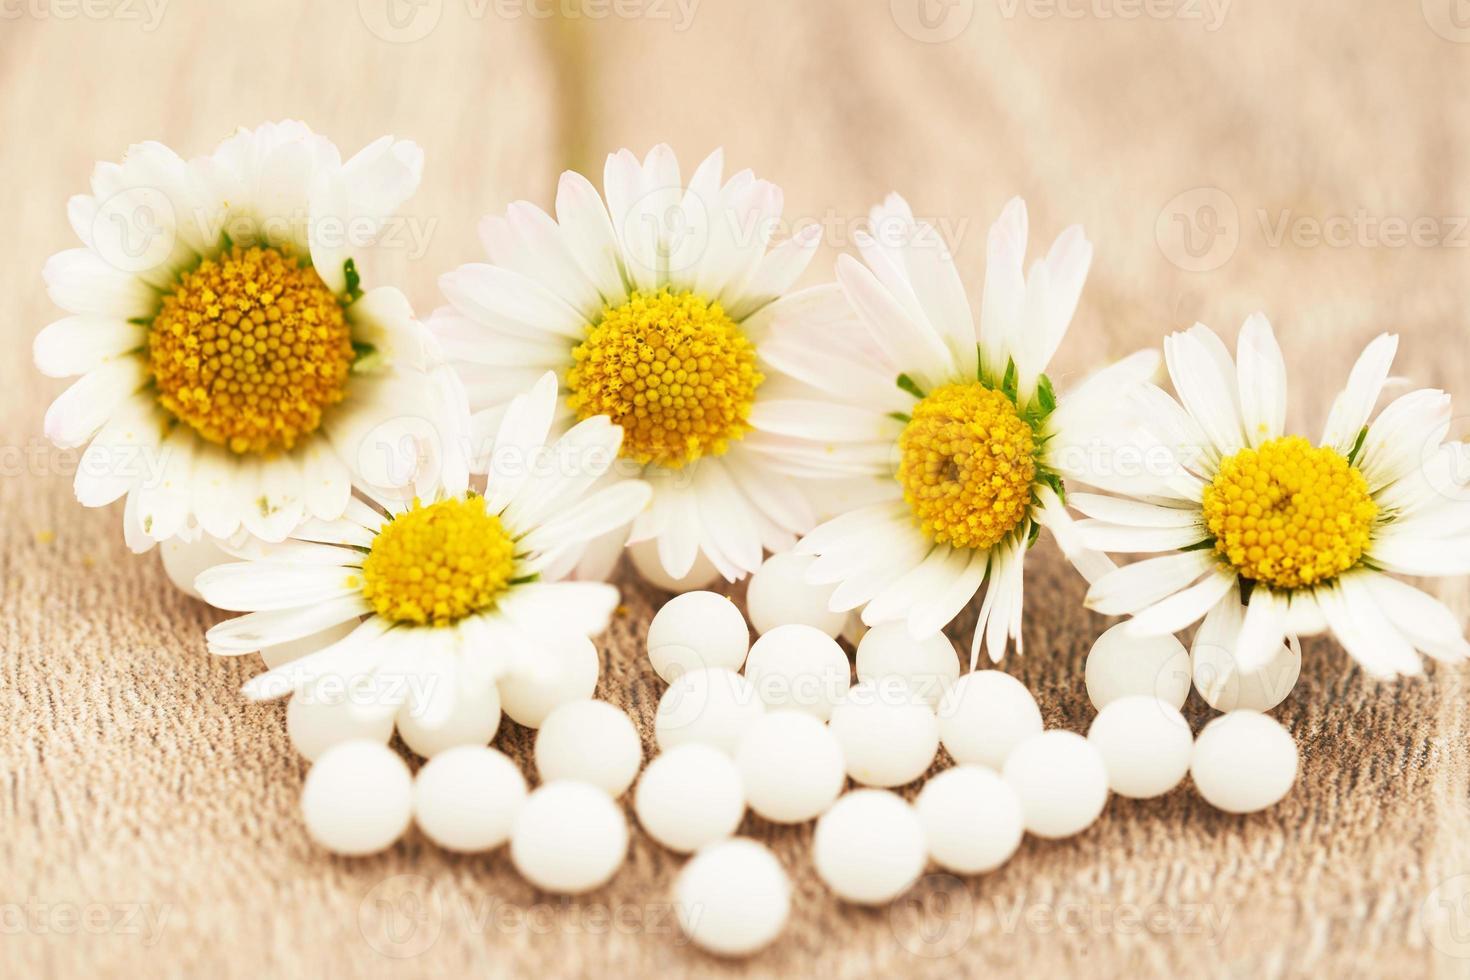 homöopathische Kügelchen und Gänseblümchen foto